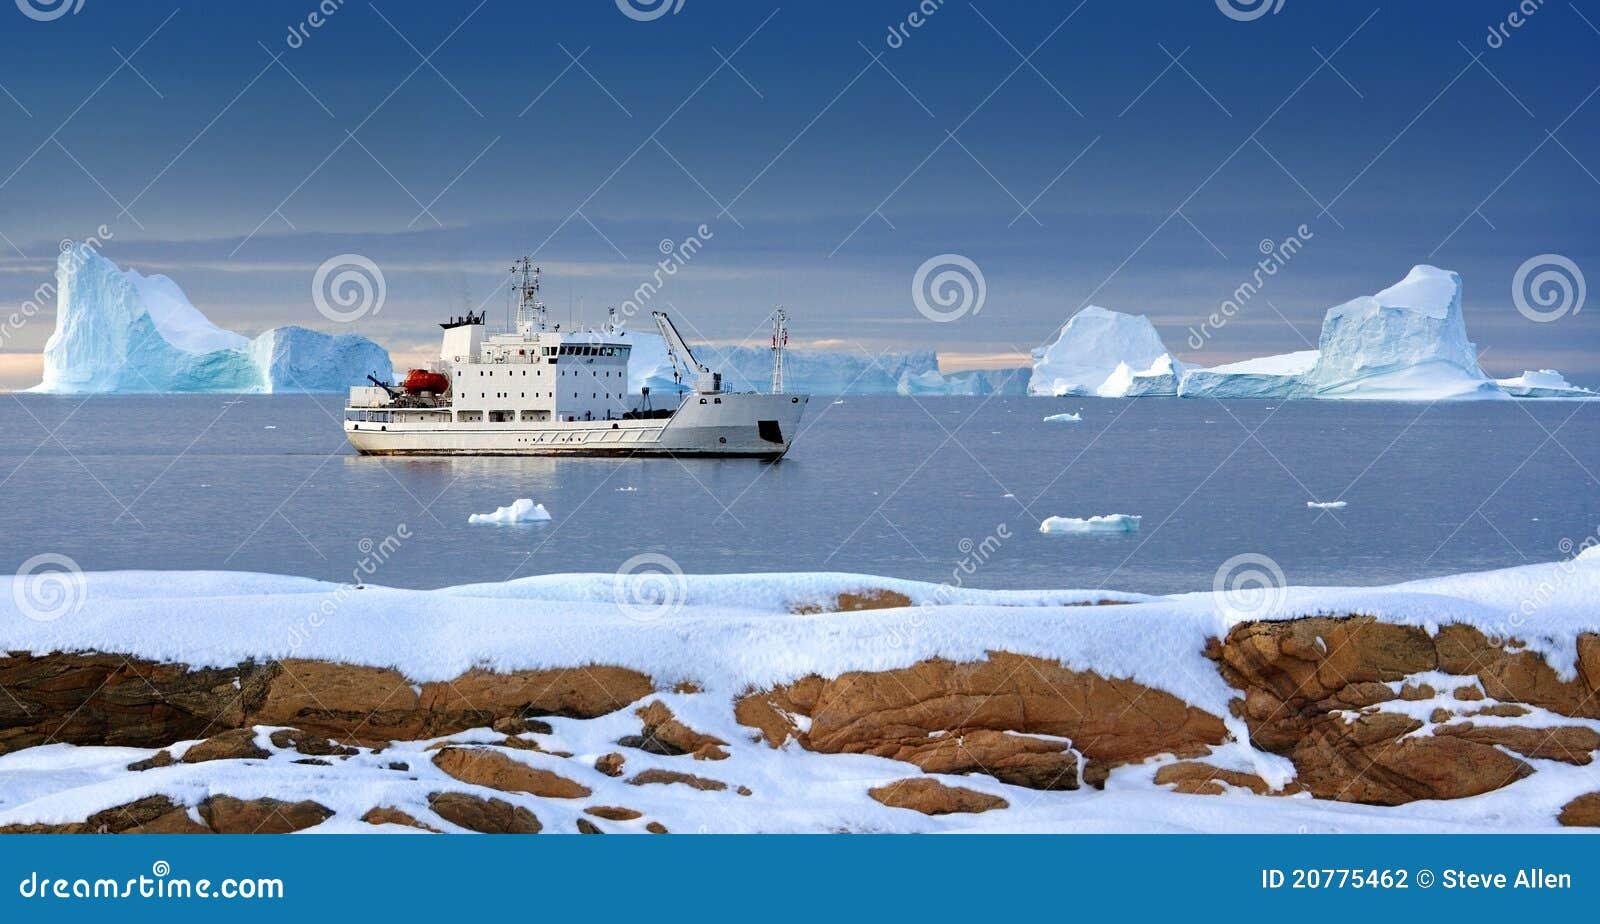 Arktyczny icebreaker wysp Svalbard turysta